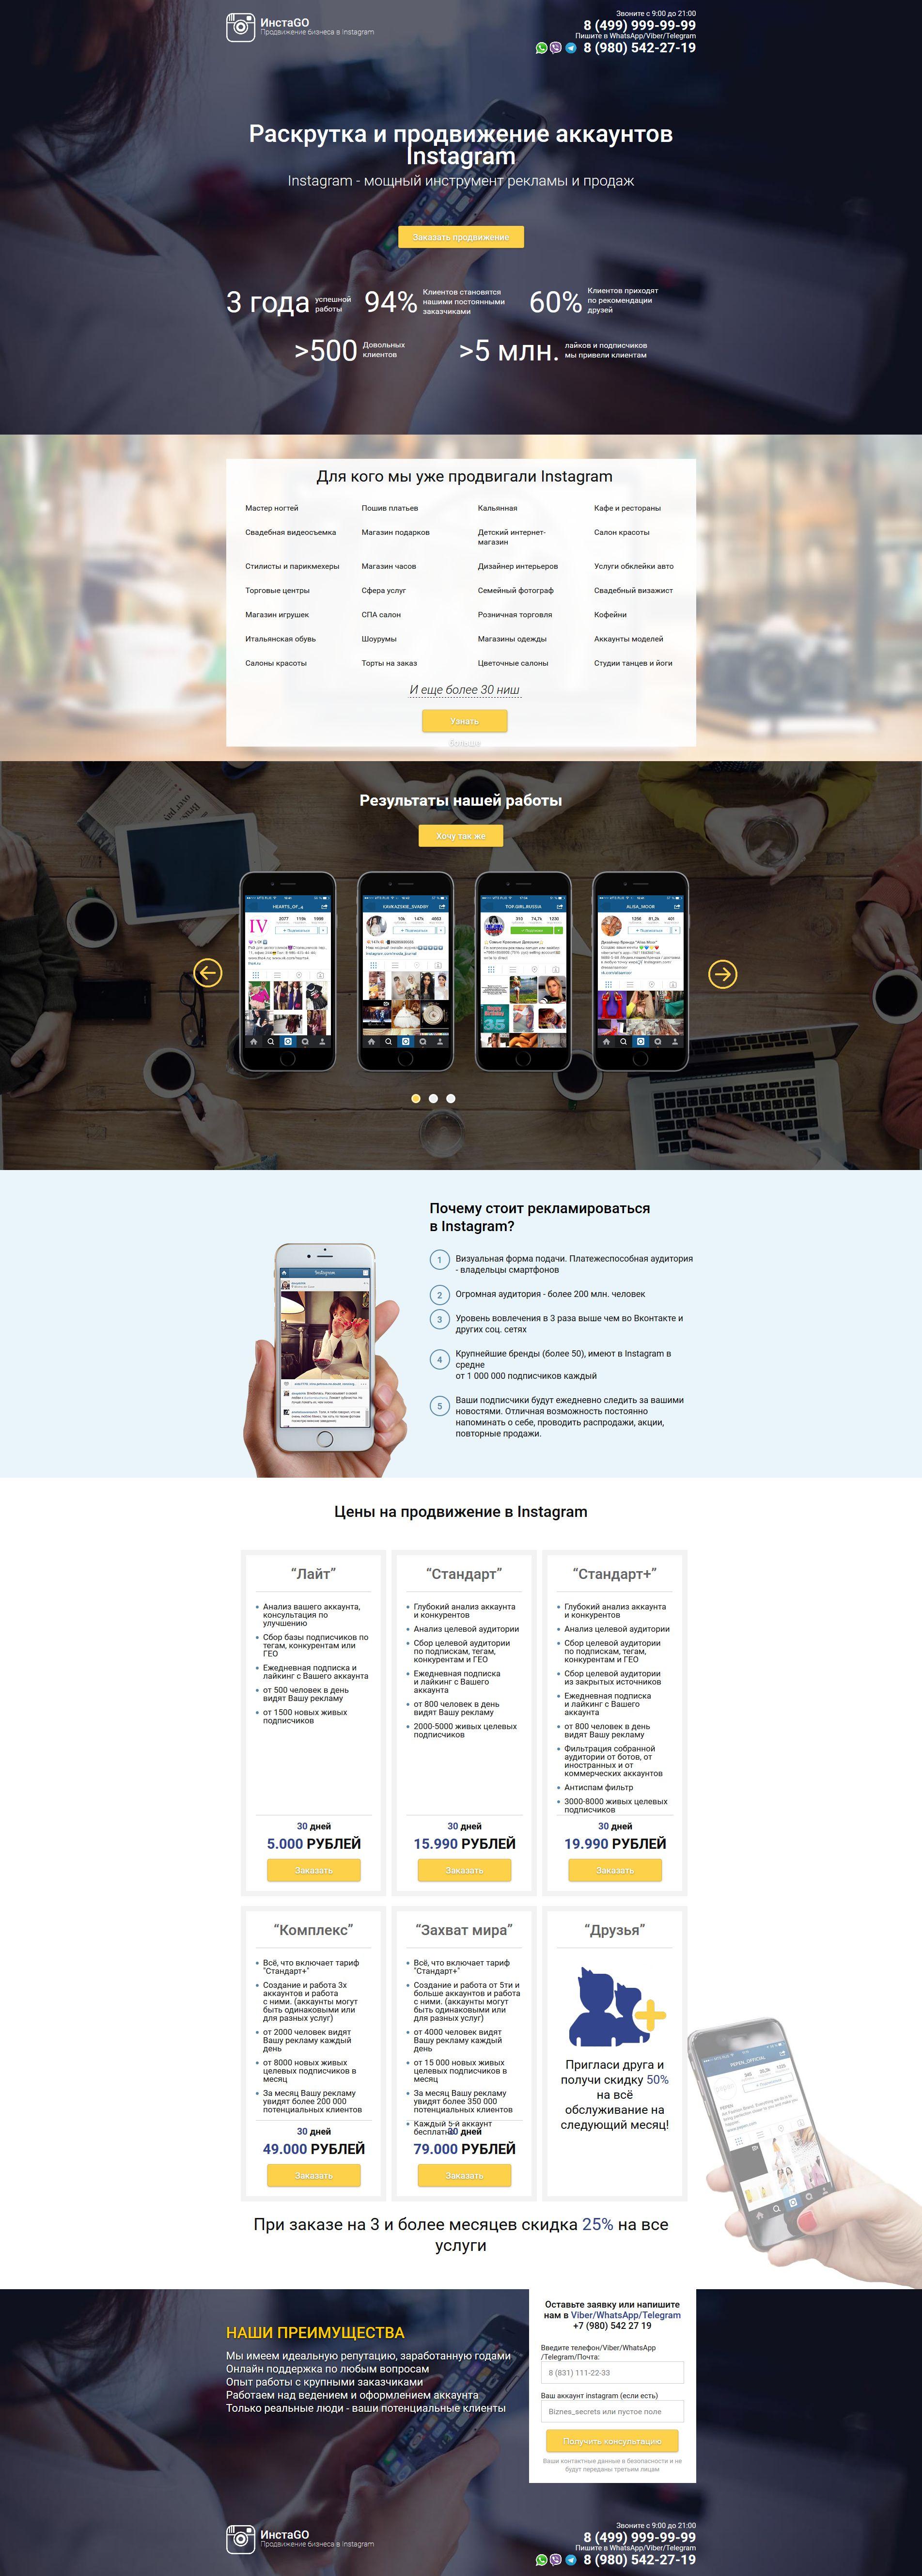 Landing Page по продвижению Instagram аккаунтов